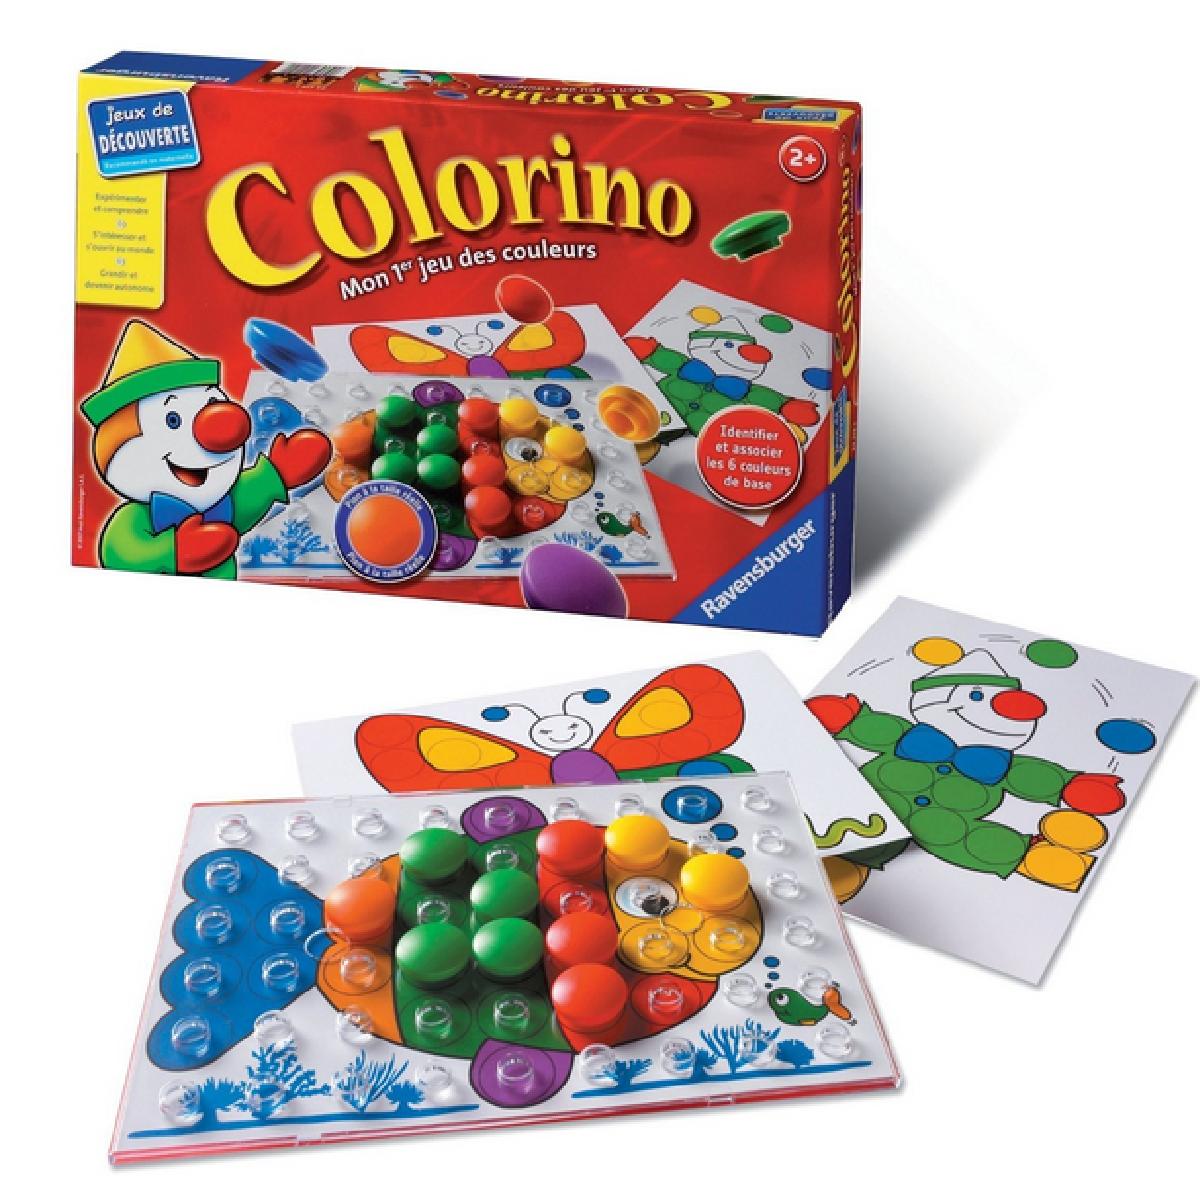 Jeux pour enfant de 2 ans - L'univers du bébé